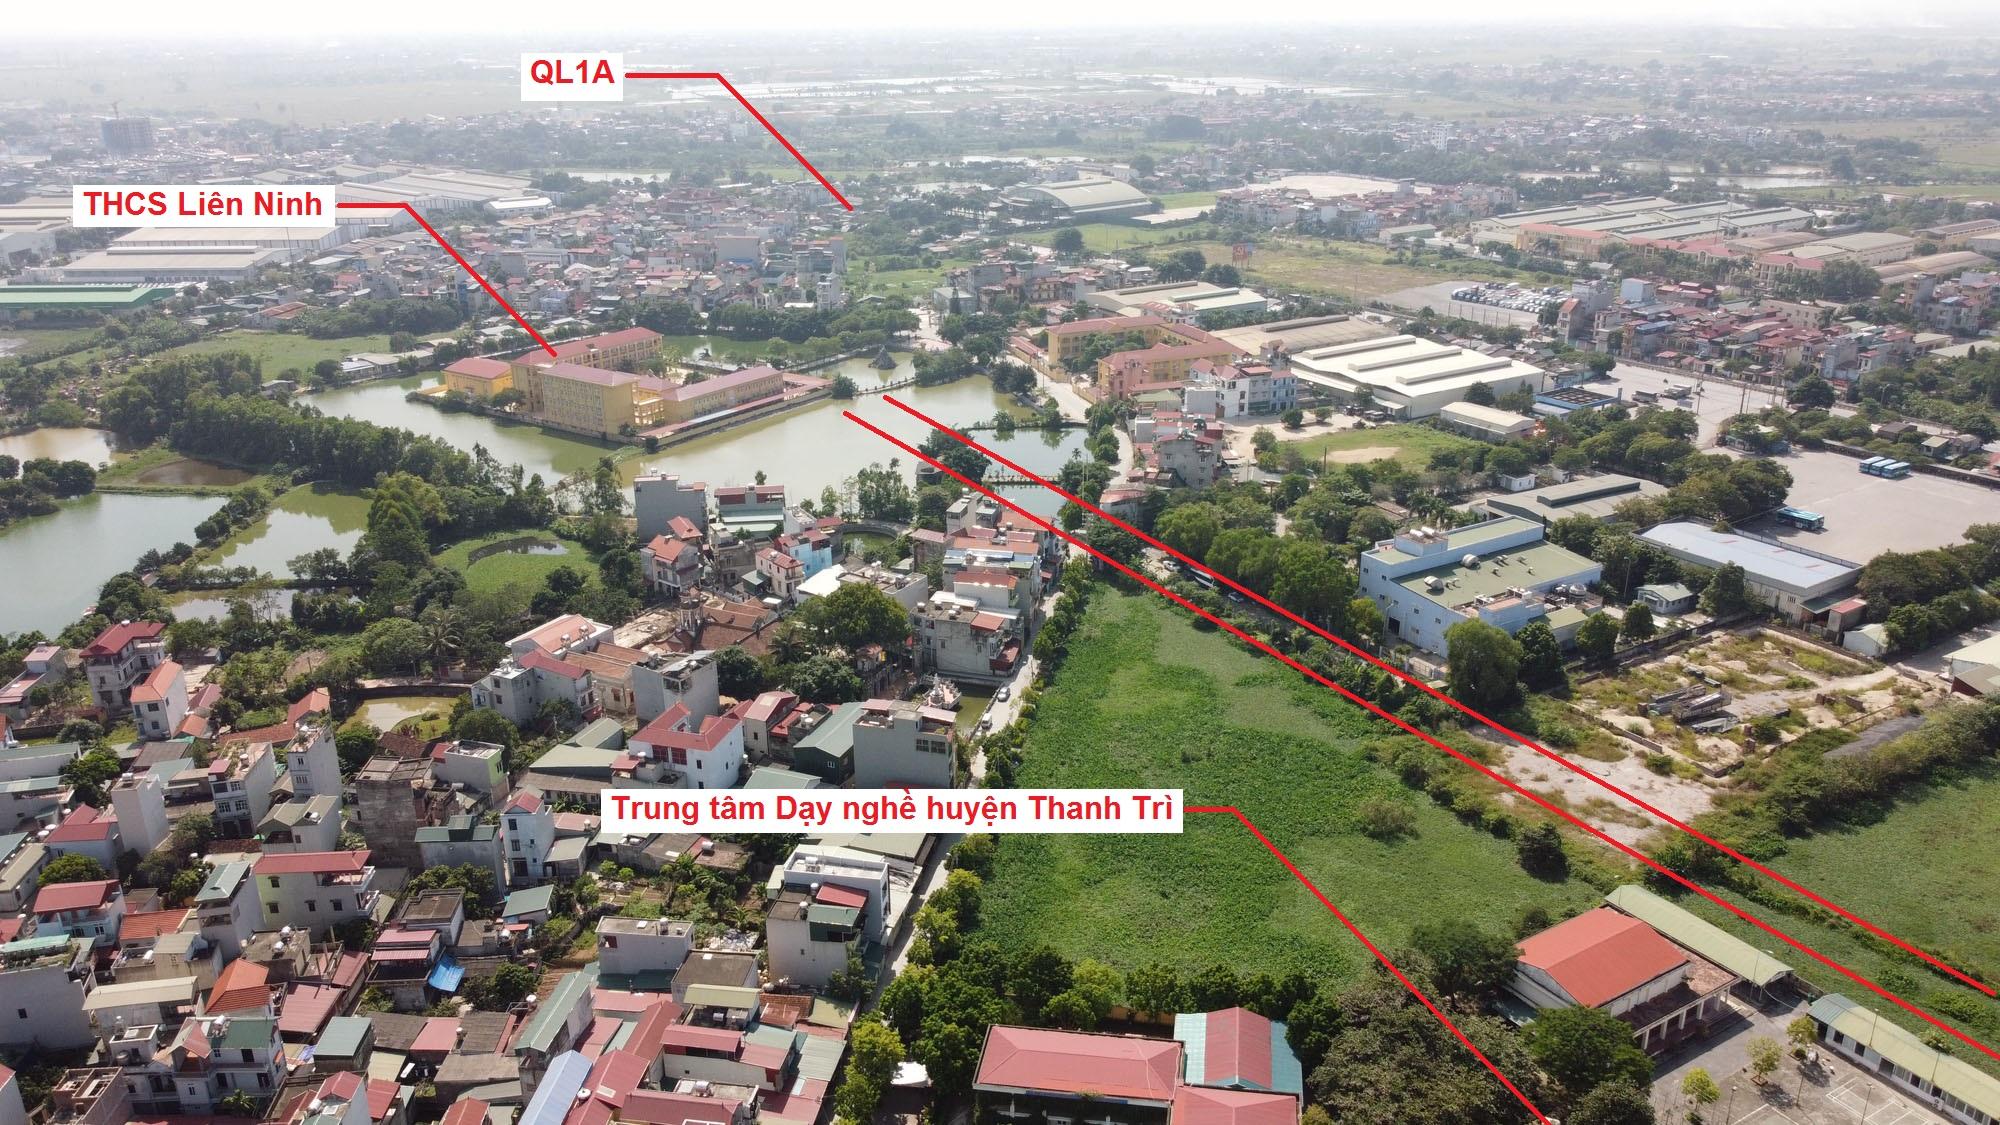 Ba đường sẽ mở theo quy hoạch ở xã Liên Ninh, Thanh Trì, Hà Nội - Ảnh 14.